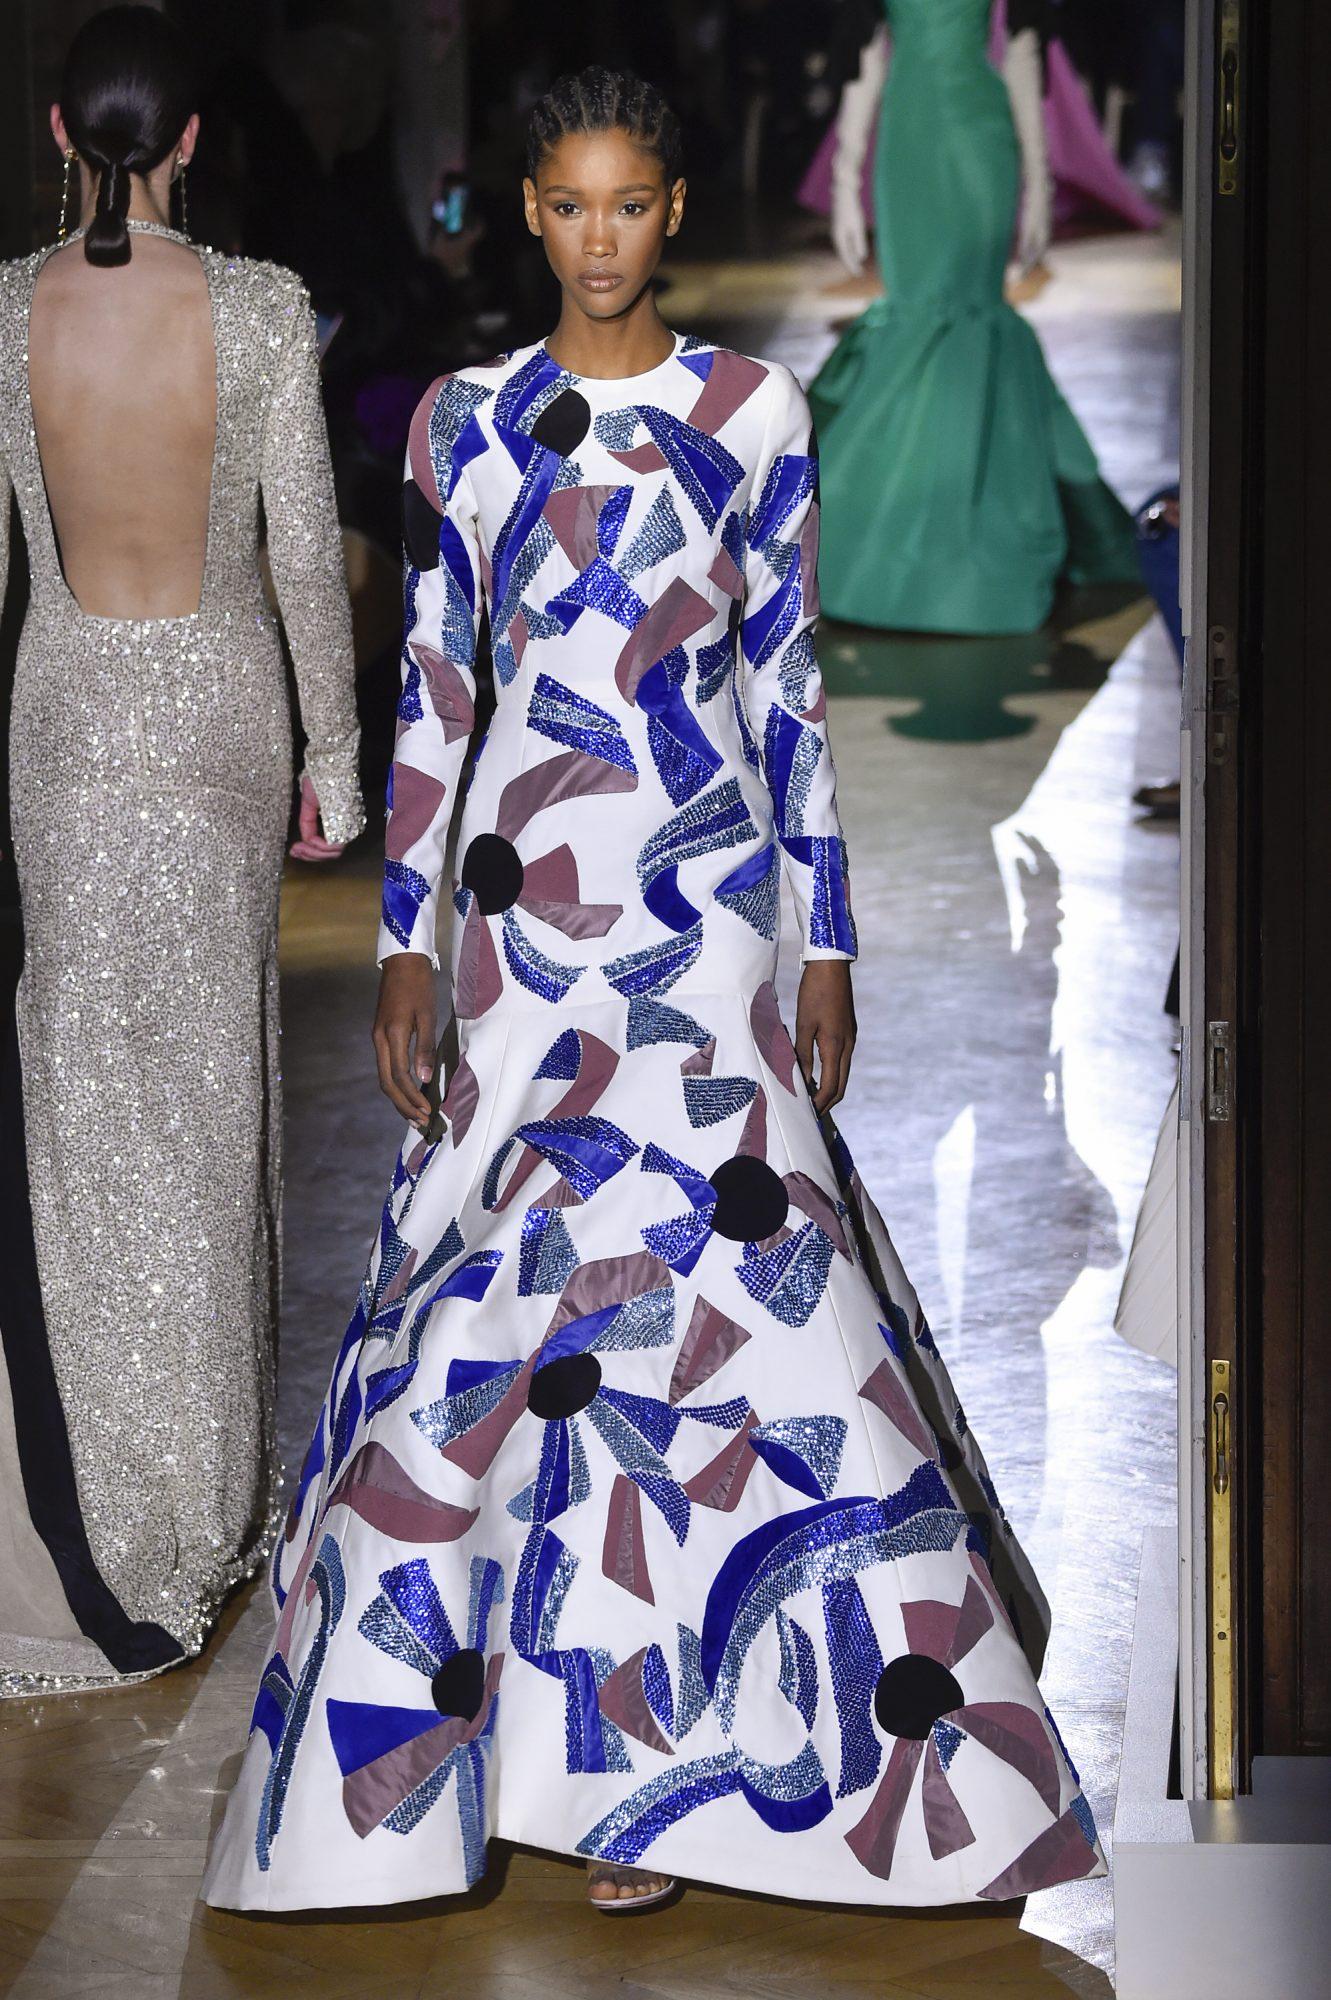 La modelo dominicana Lissandra Blanco está causando furor en las pasarelas